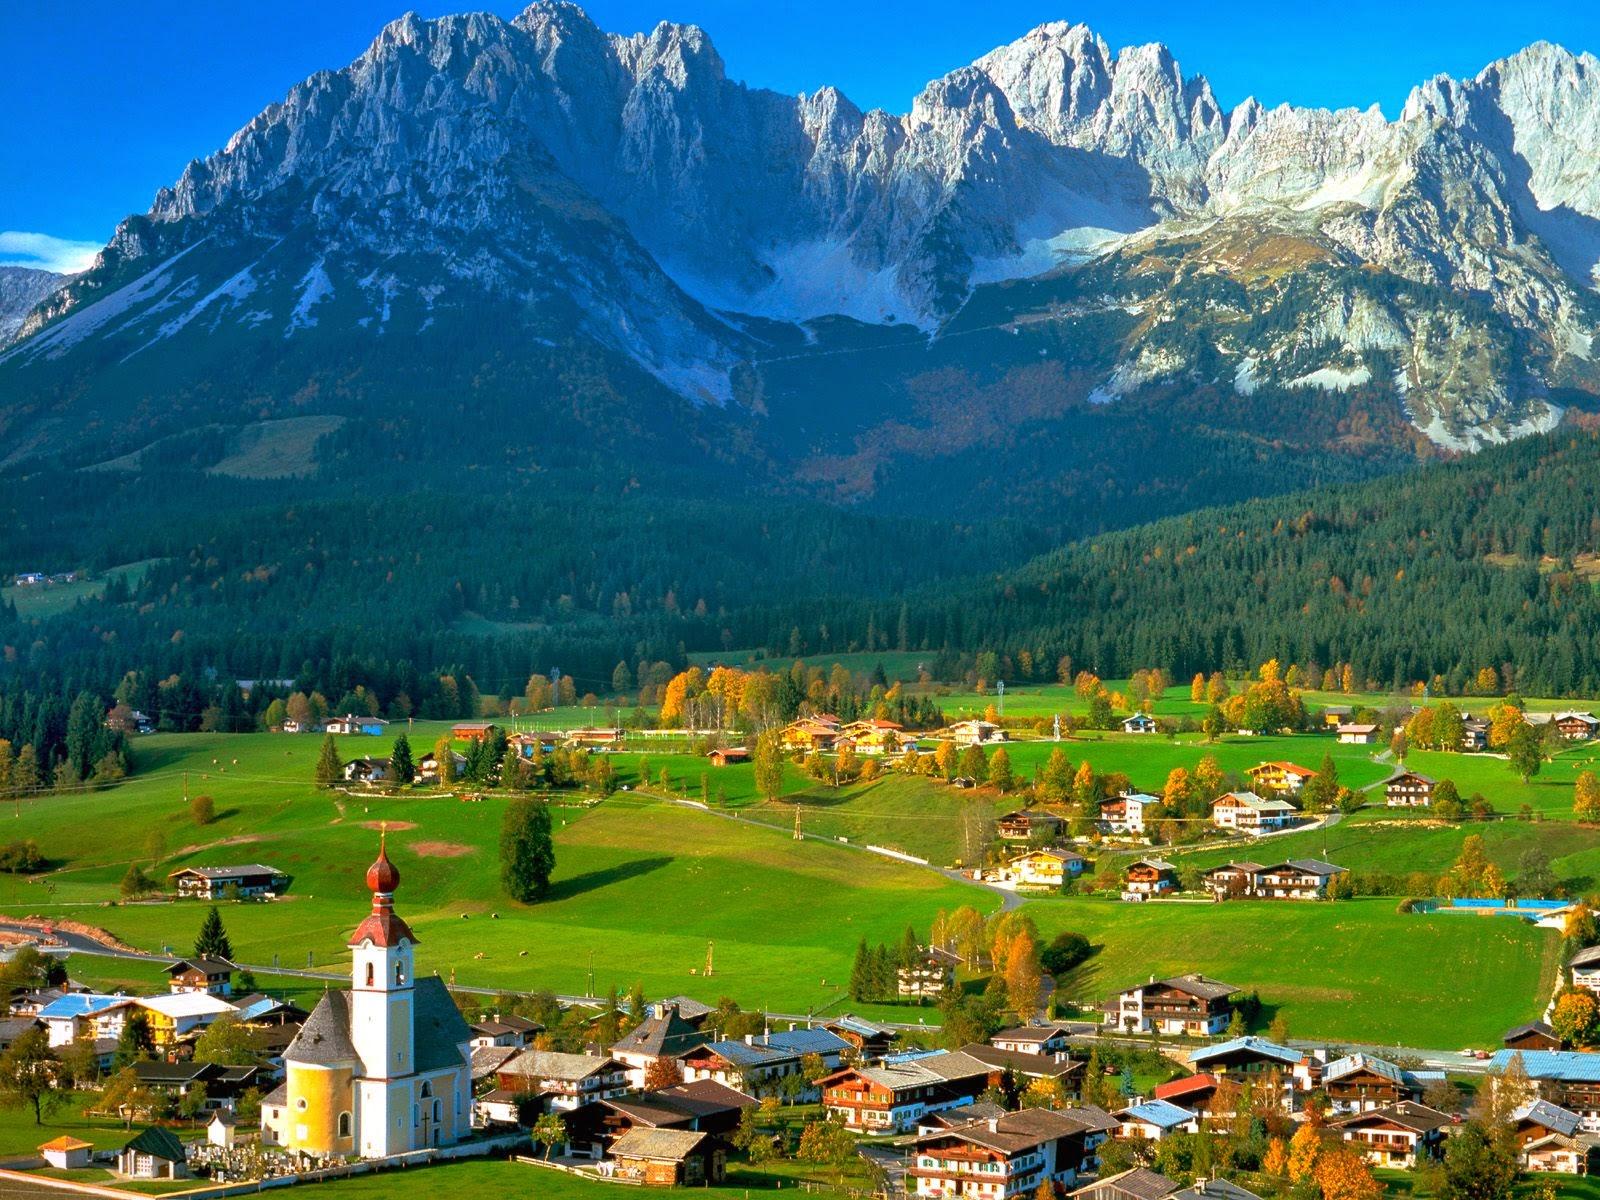 السياحة النمسا 2015, روعة السياحة Tyrol-Austria-austria-31748795-1600-1200.jpg